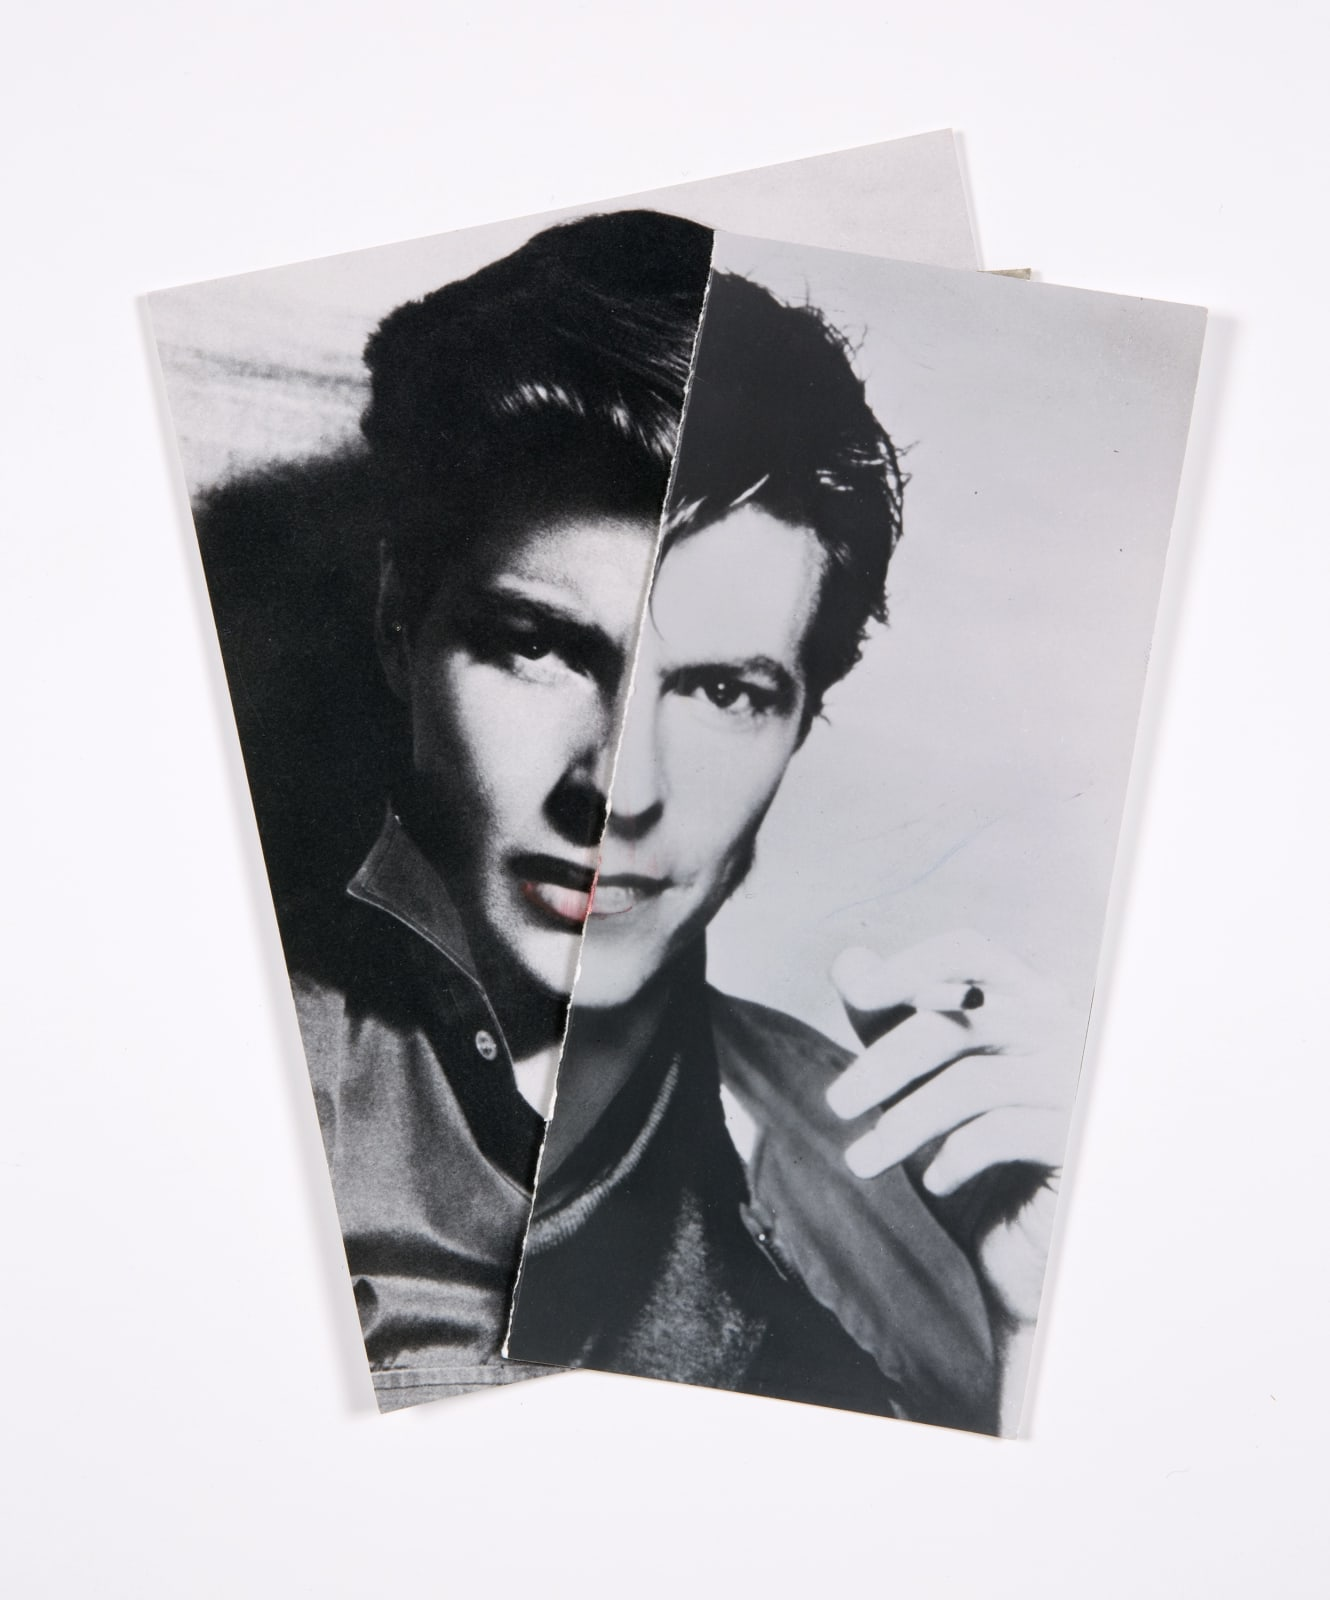 Lynn Hershman Leeson, Bowie/Hepburn, 1983